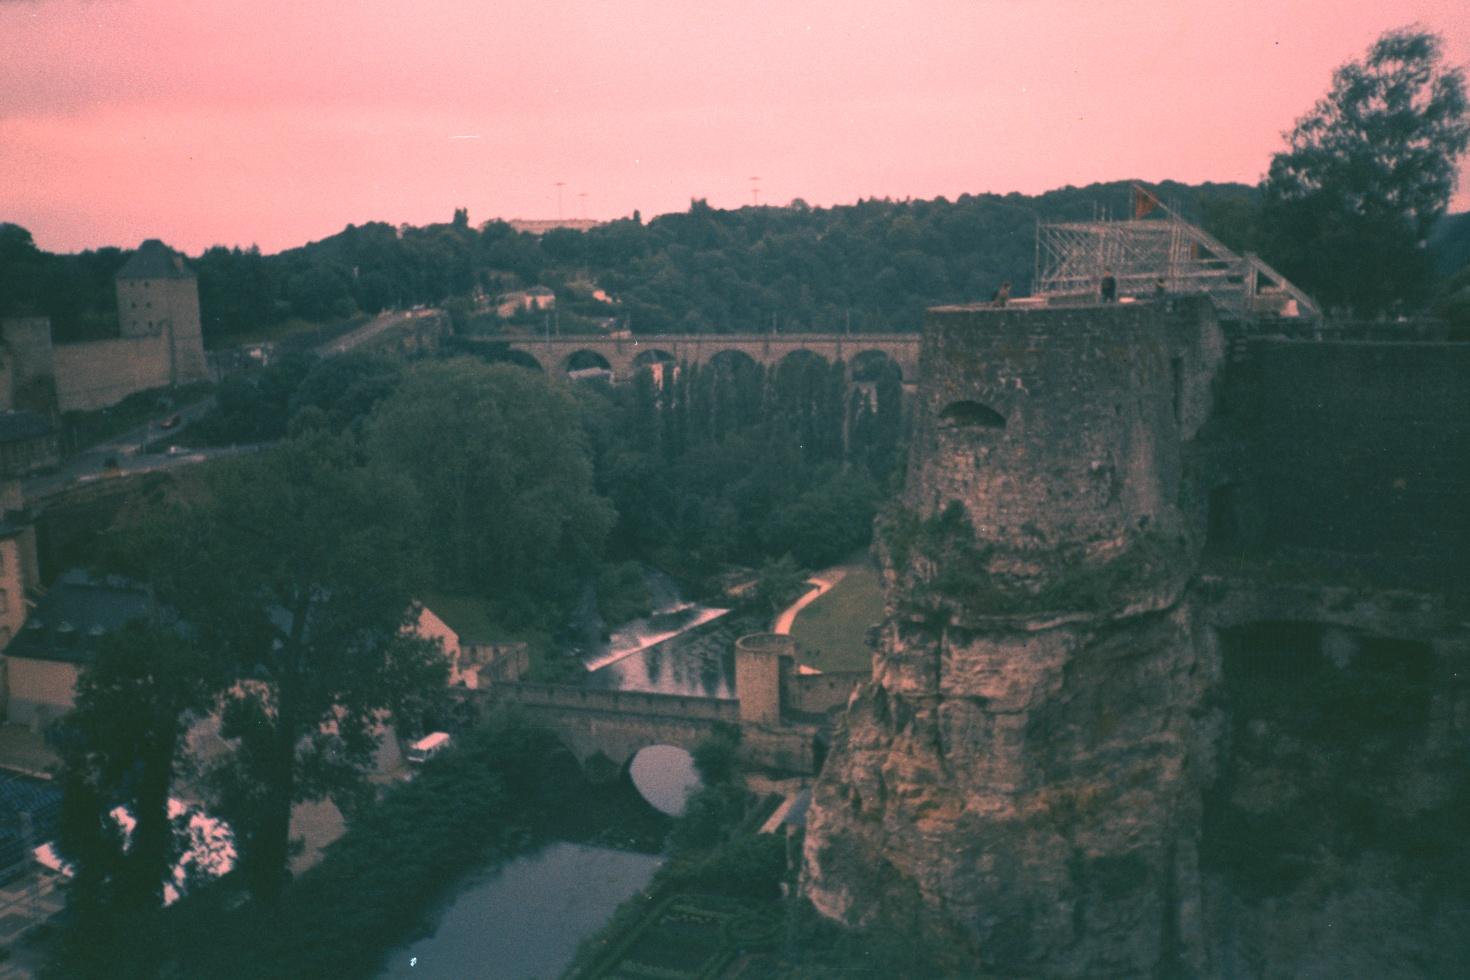 Luxemburg in a strange light